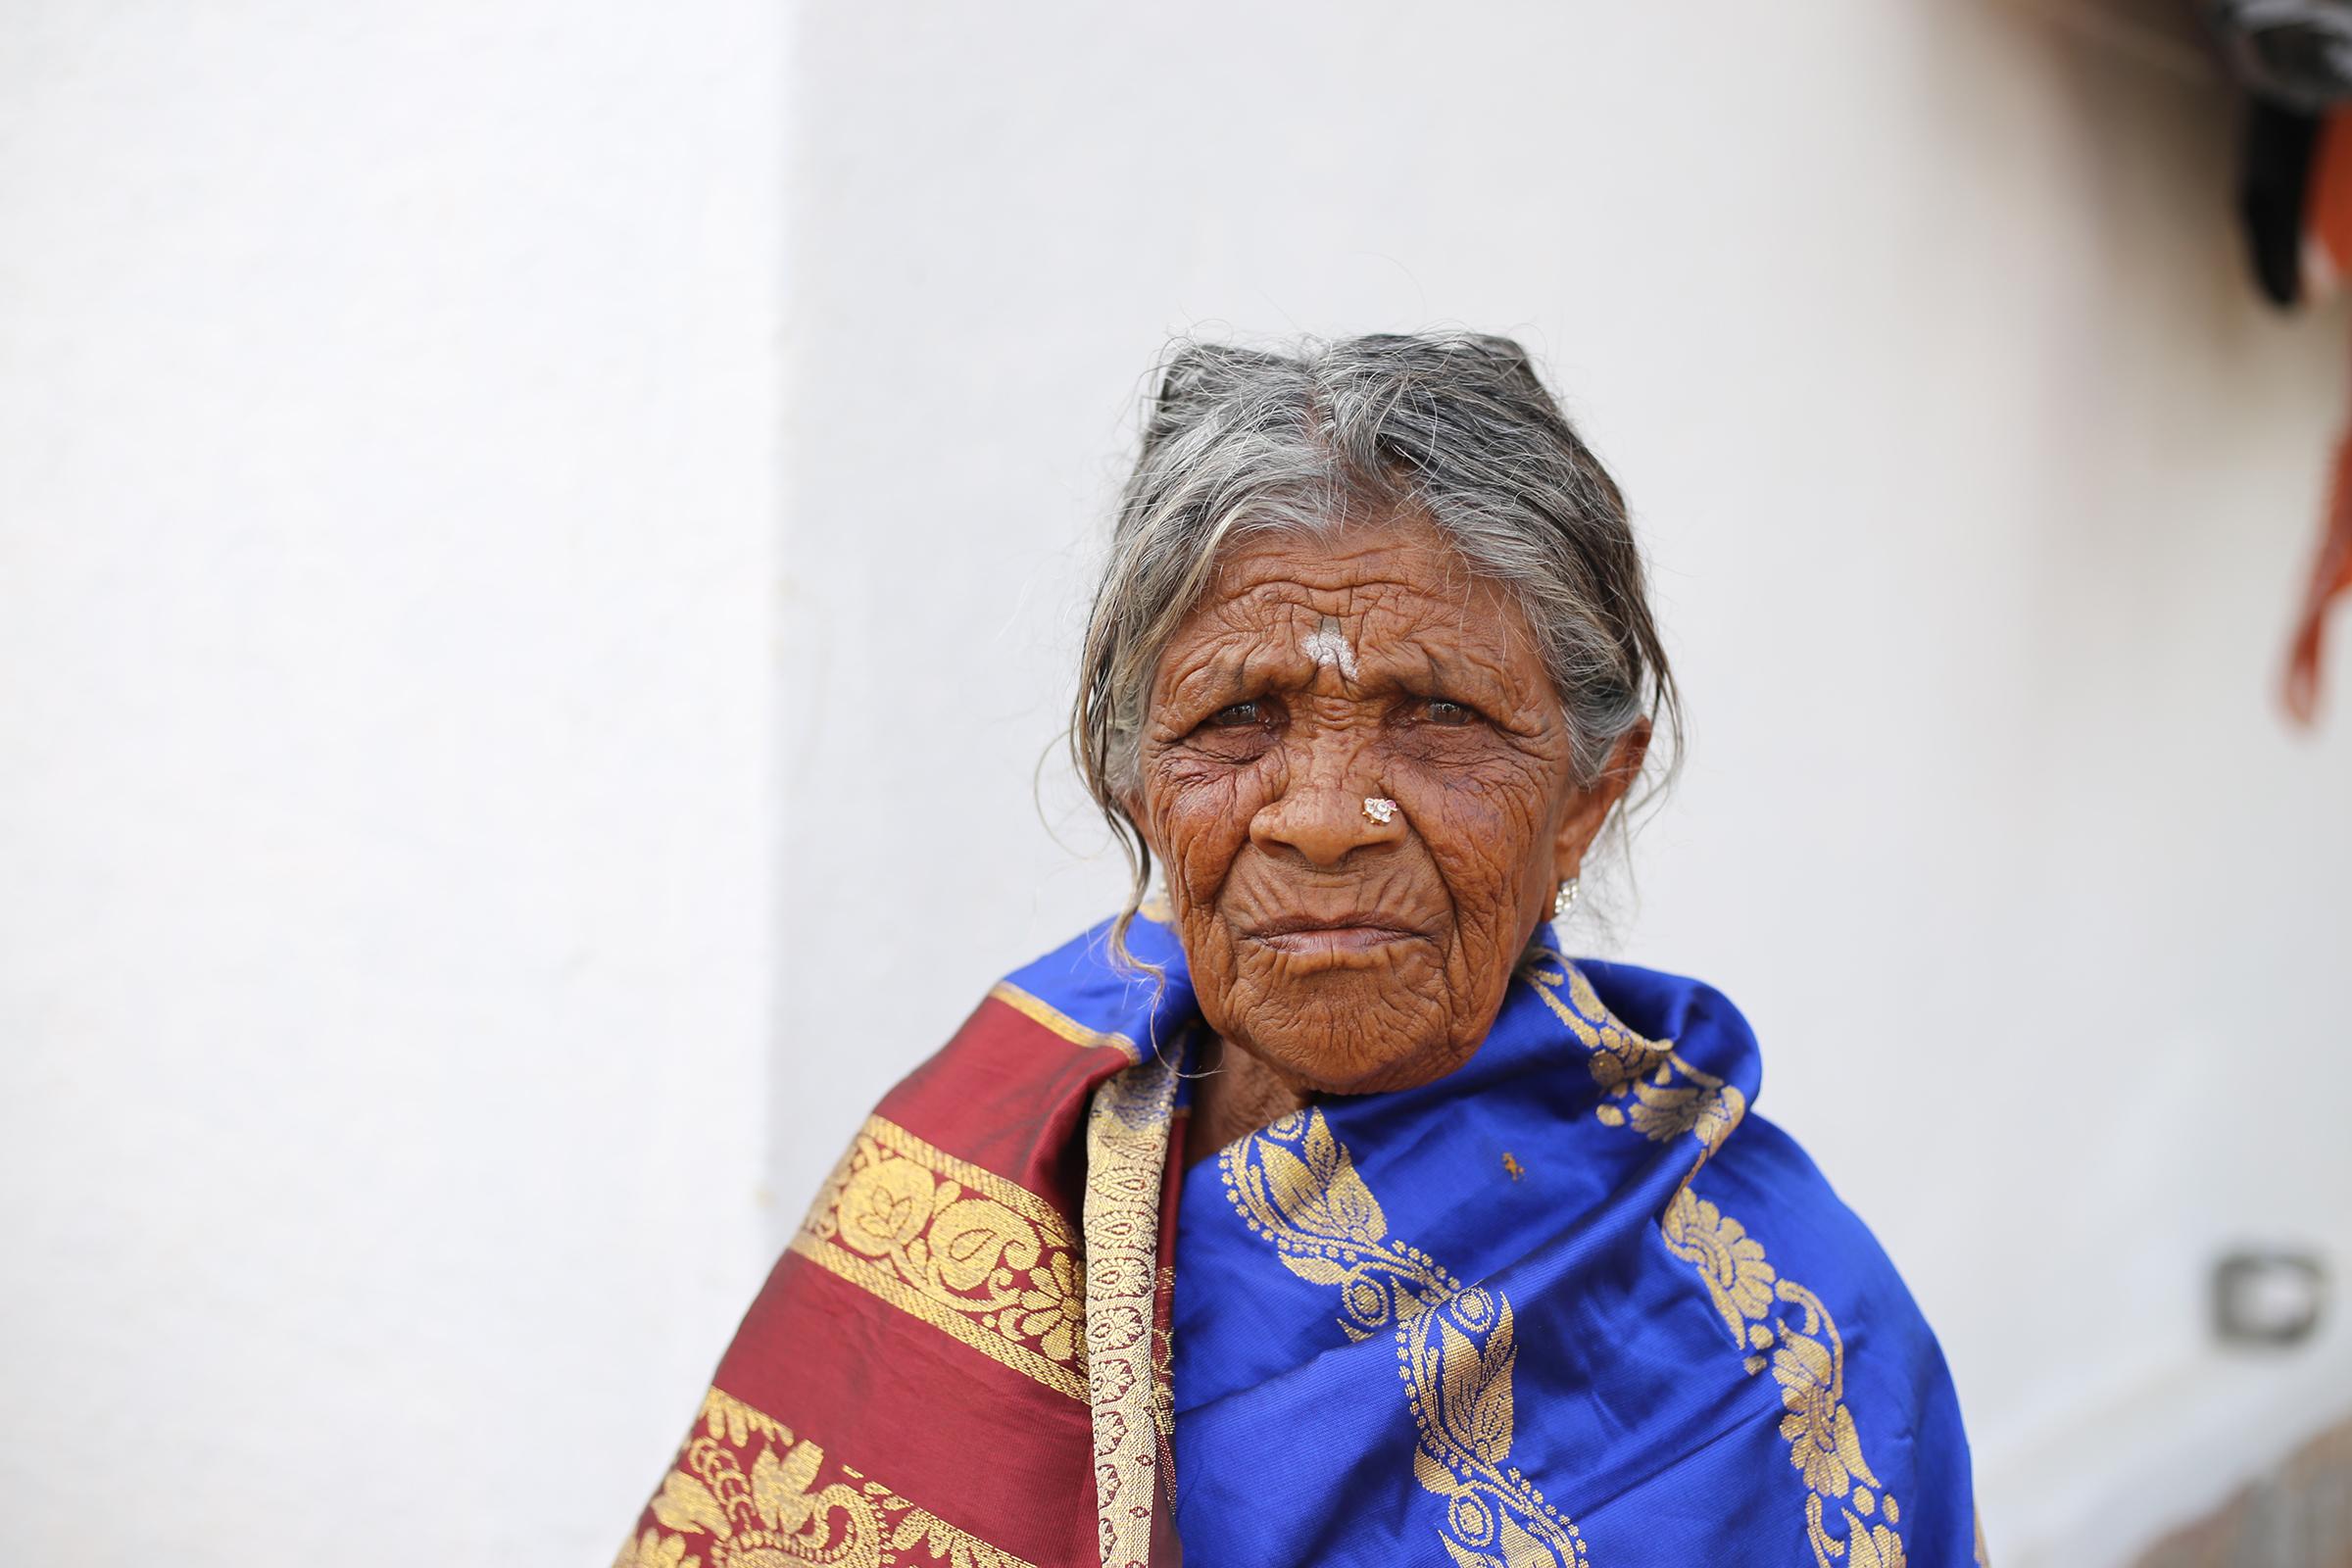 A village elder